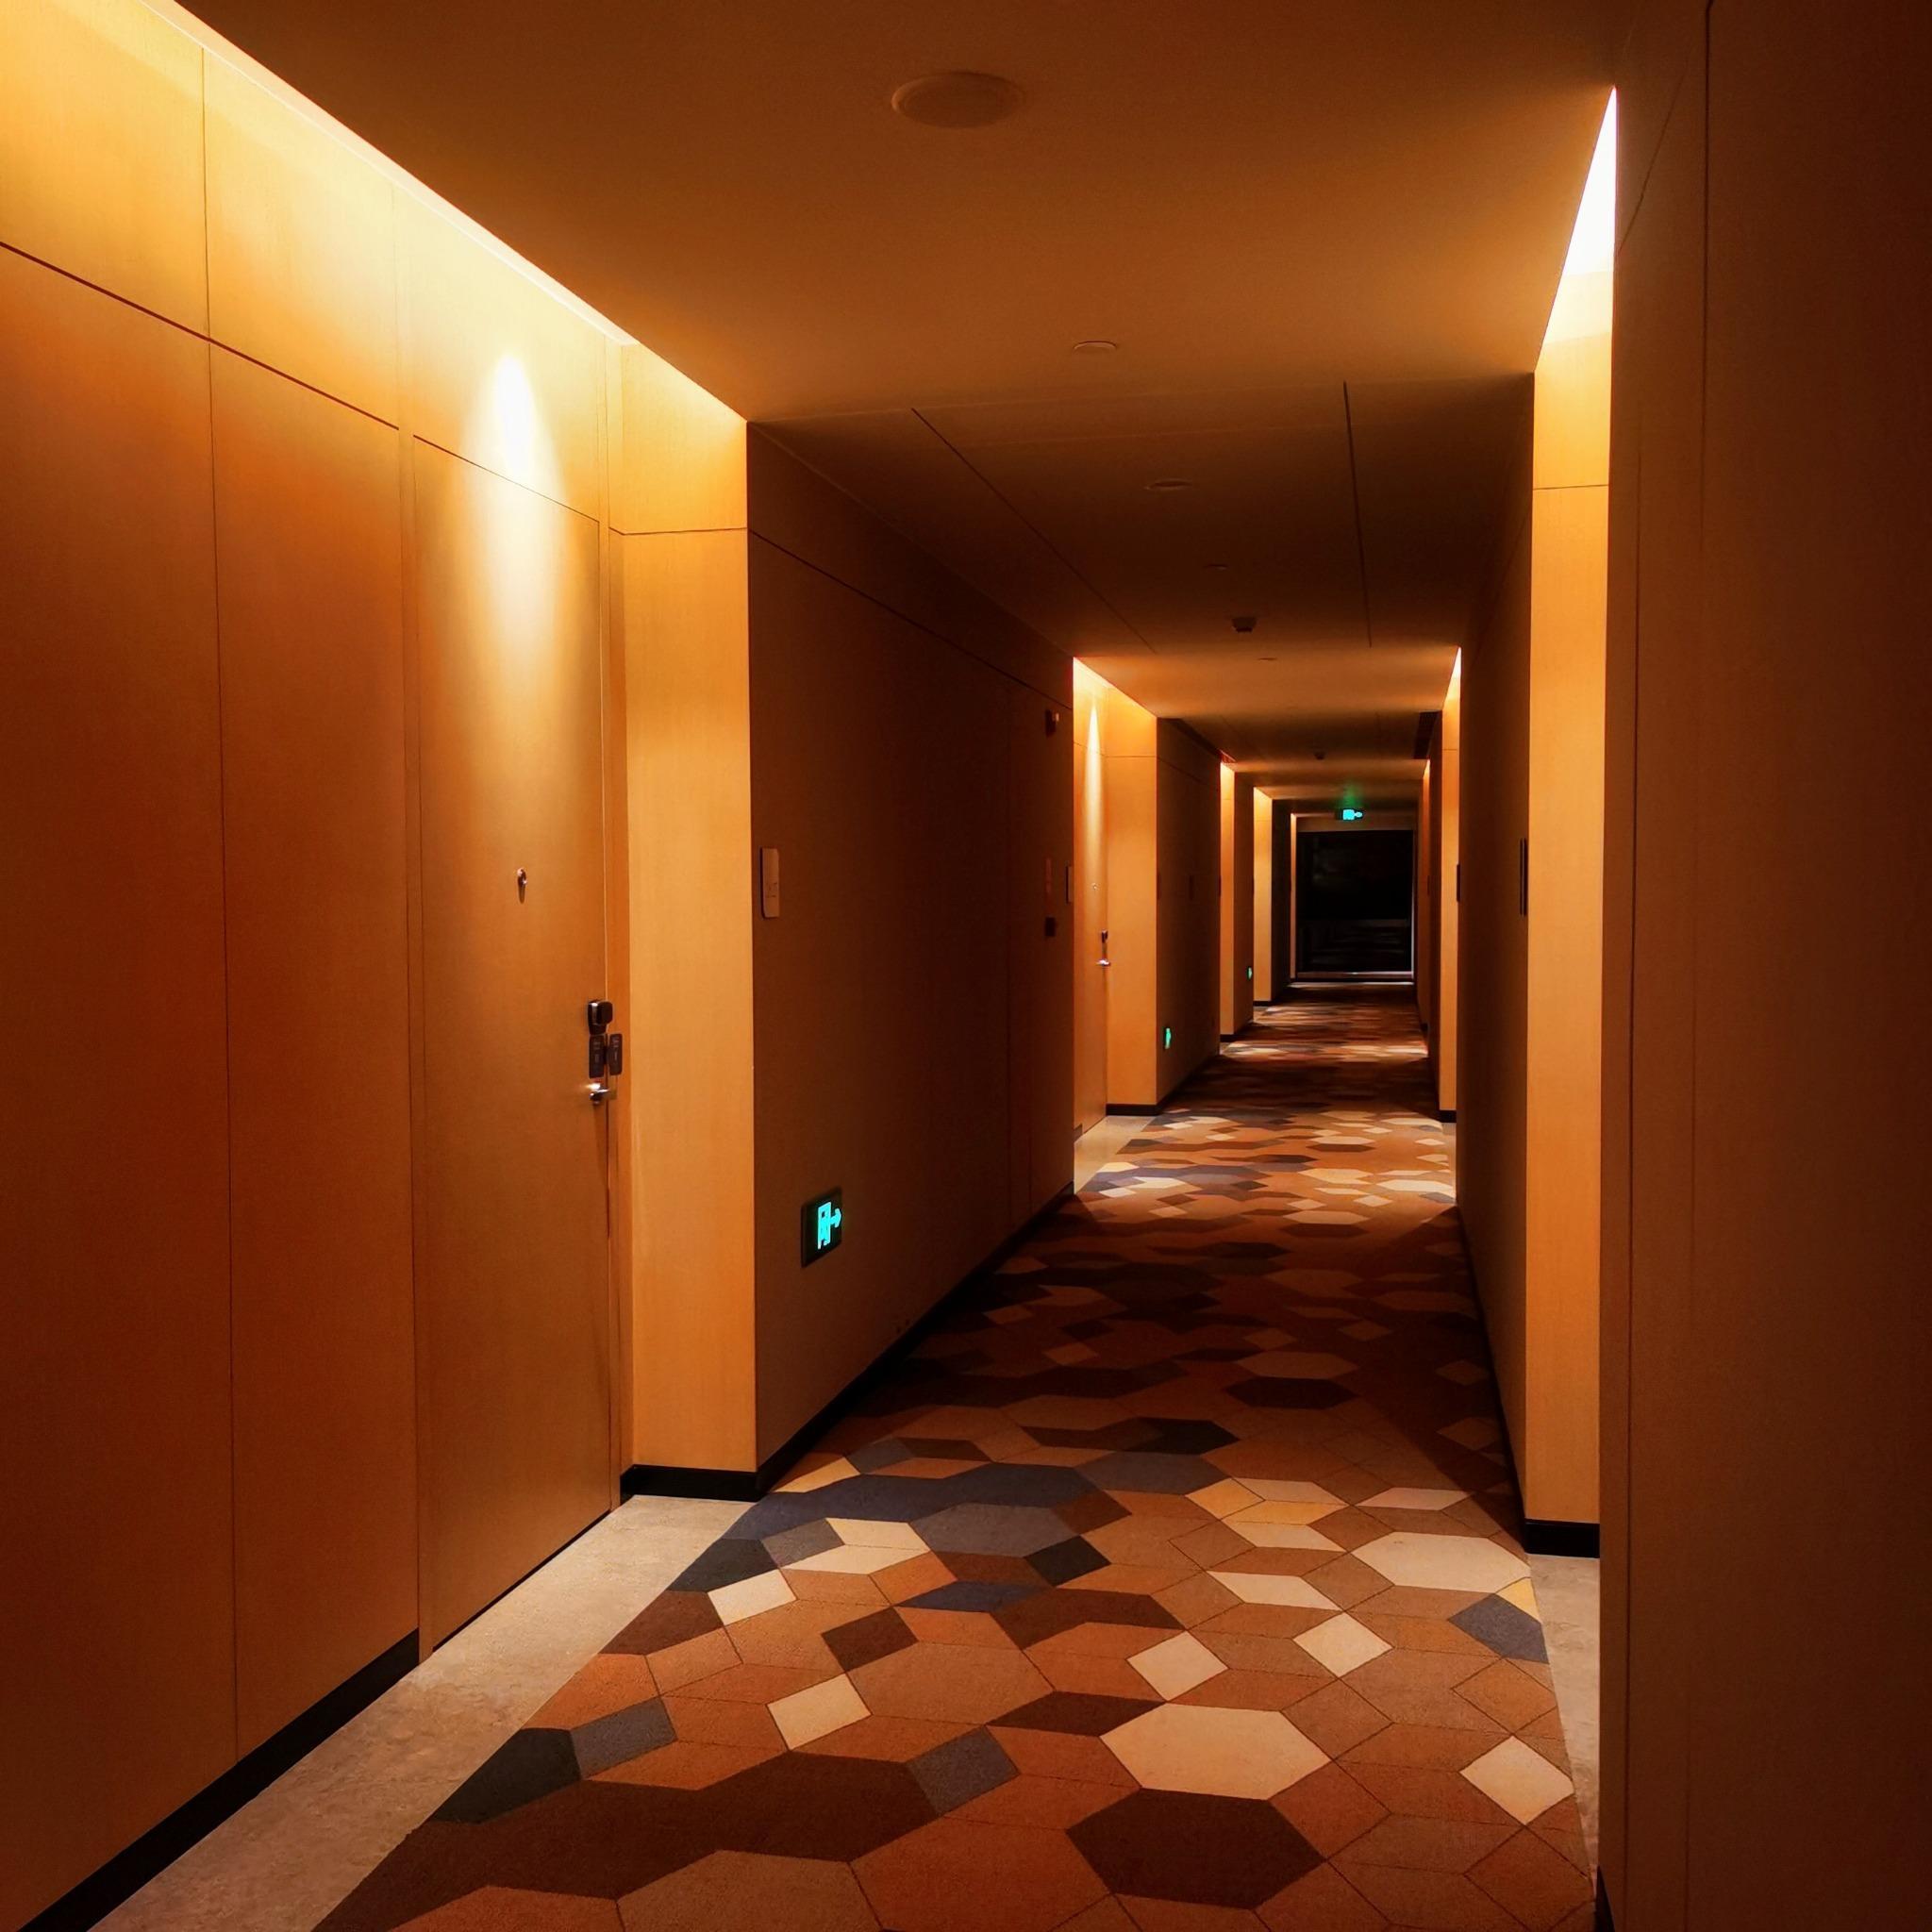 一波三折的体验-常德鼎城福捷希尔顿花园酒店